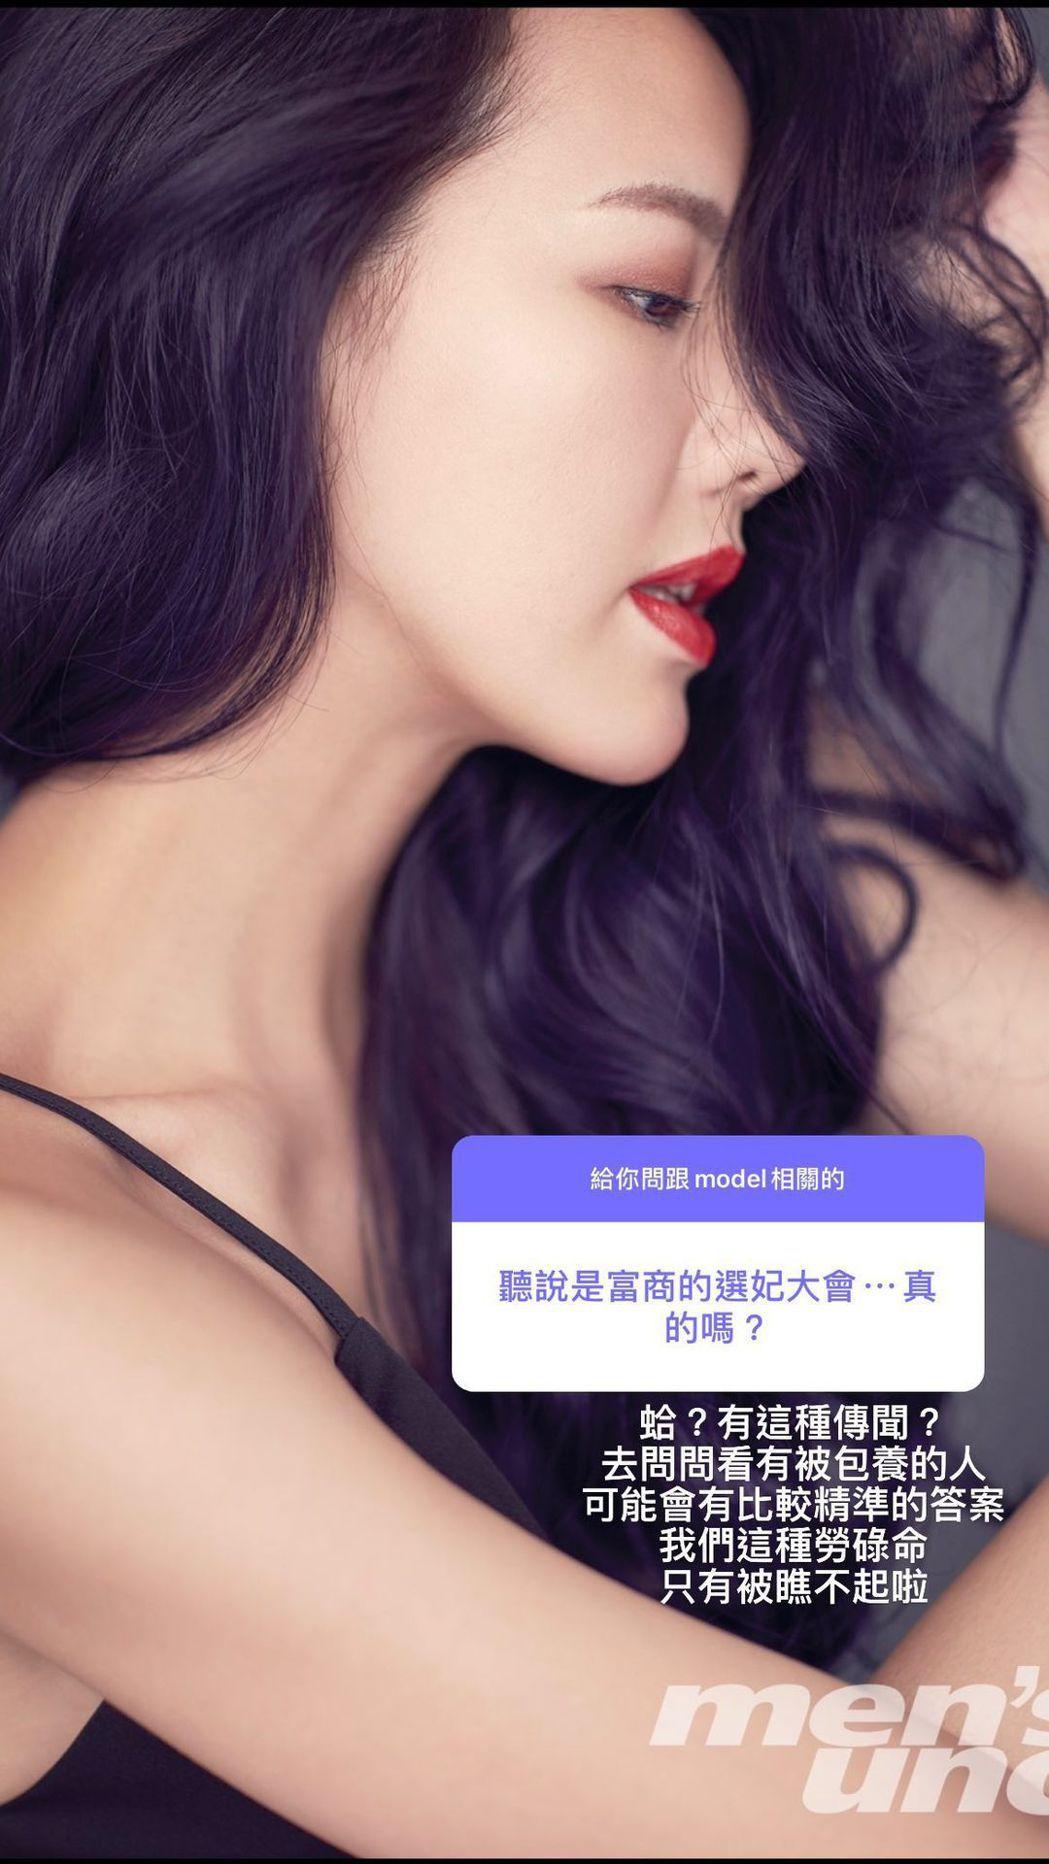 劉雨柔回答網友關係模特兒界的問題。 圖/擷自劉雨柔IG